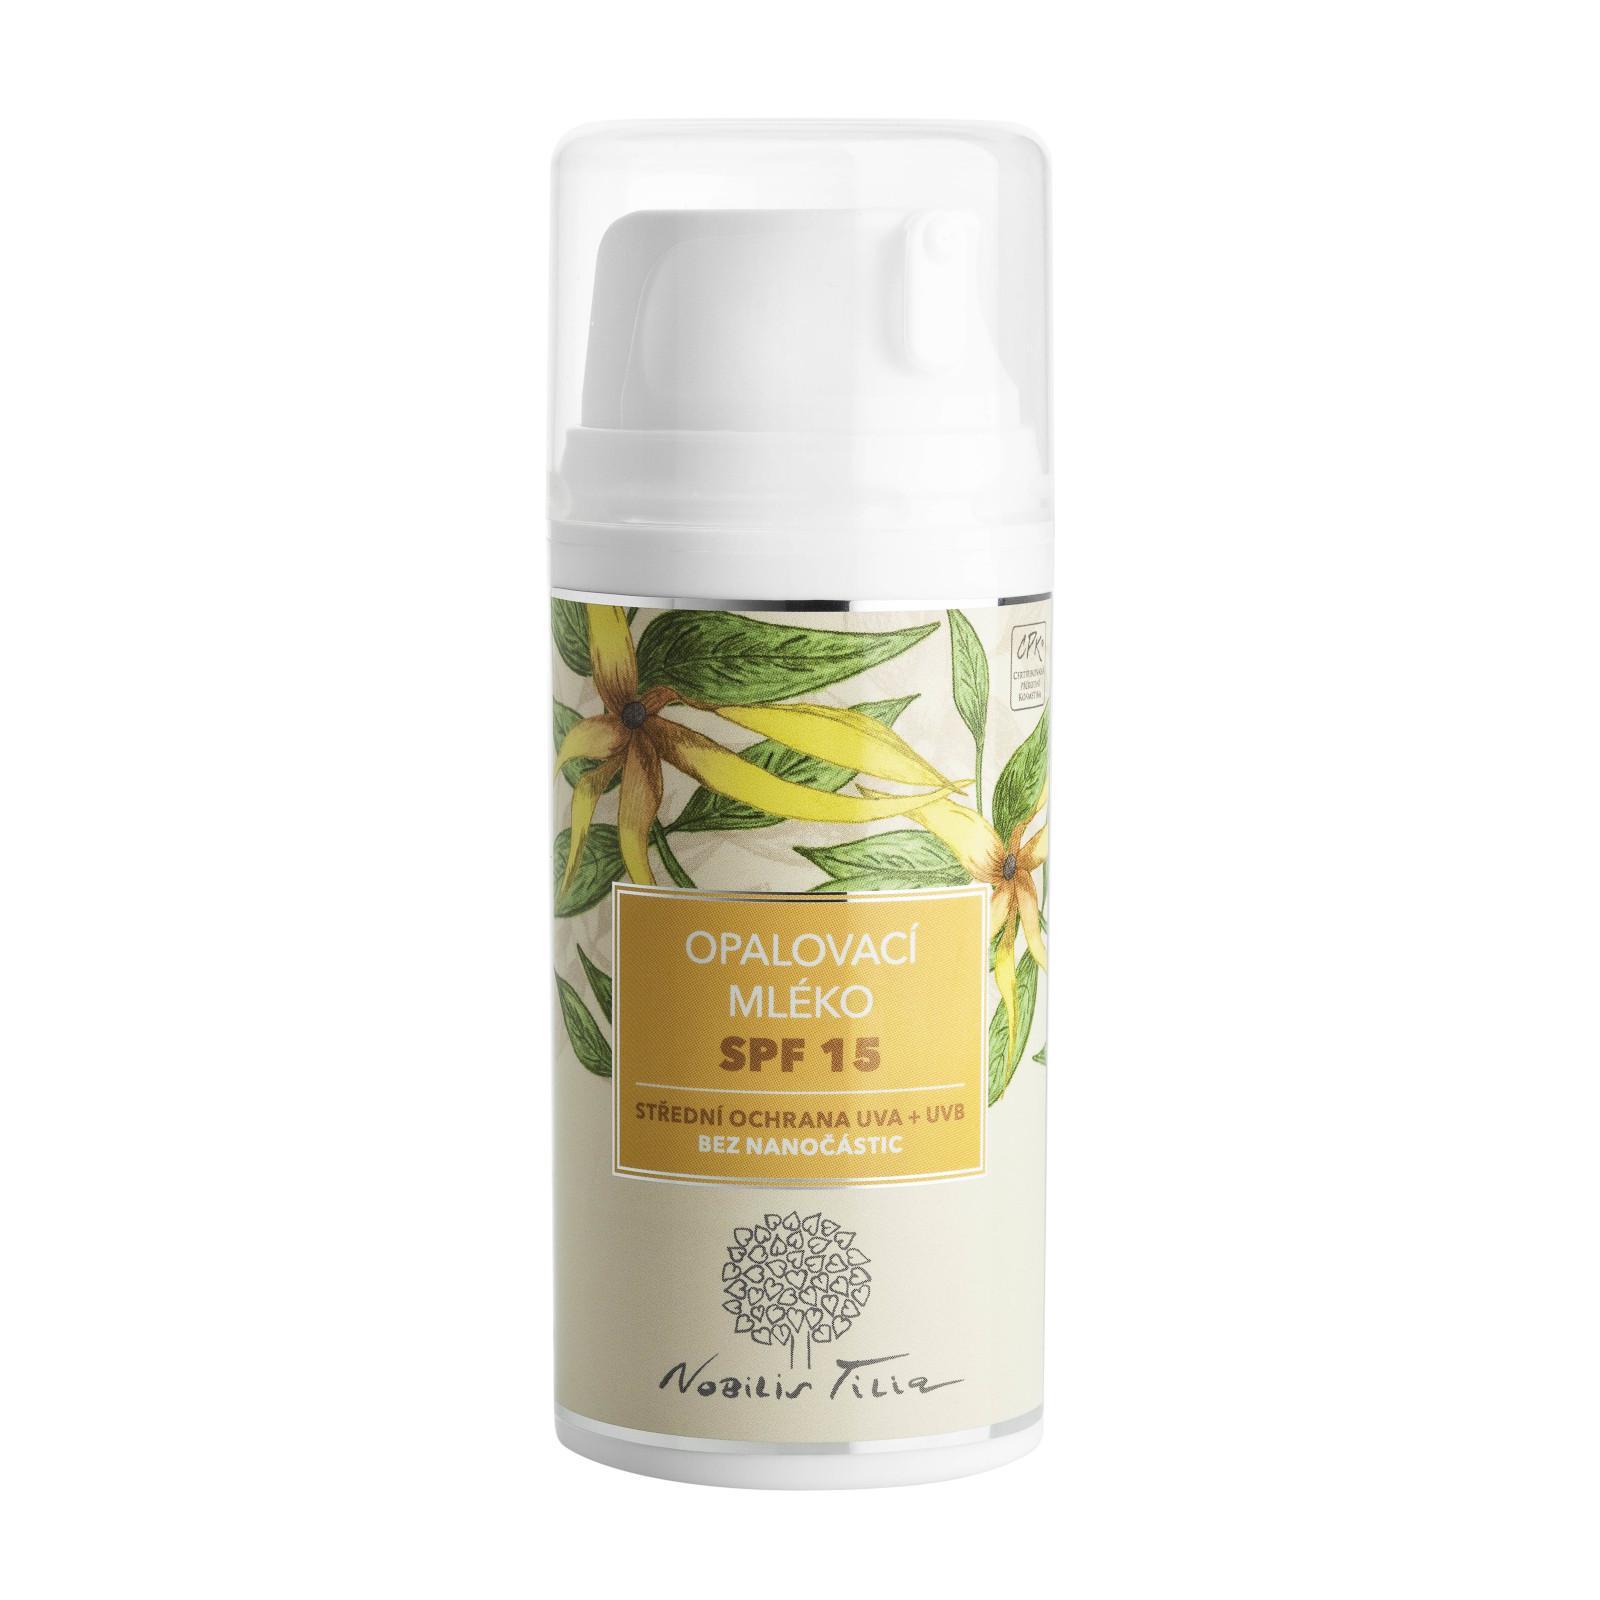 Nobilis Tilia Opalovací mléko SPF 15 100 ml